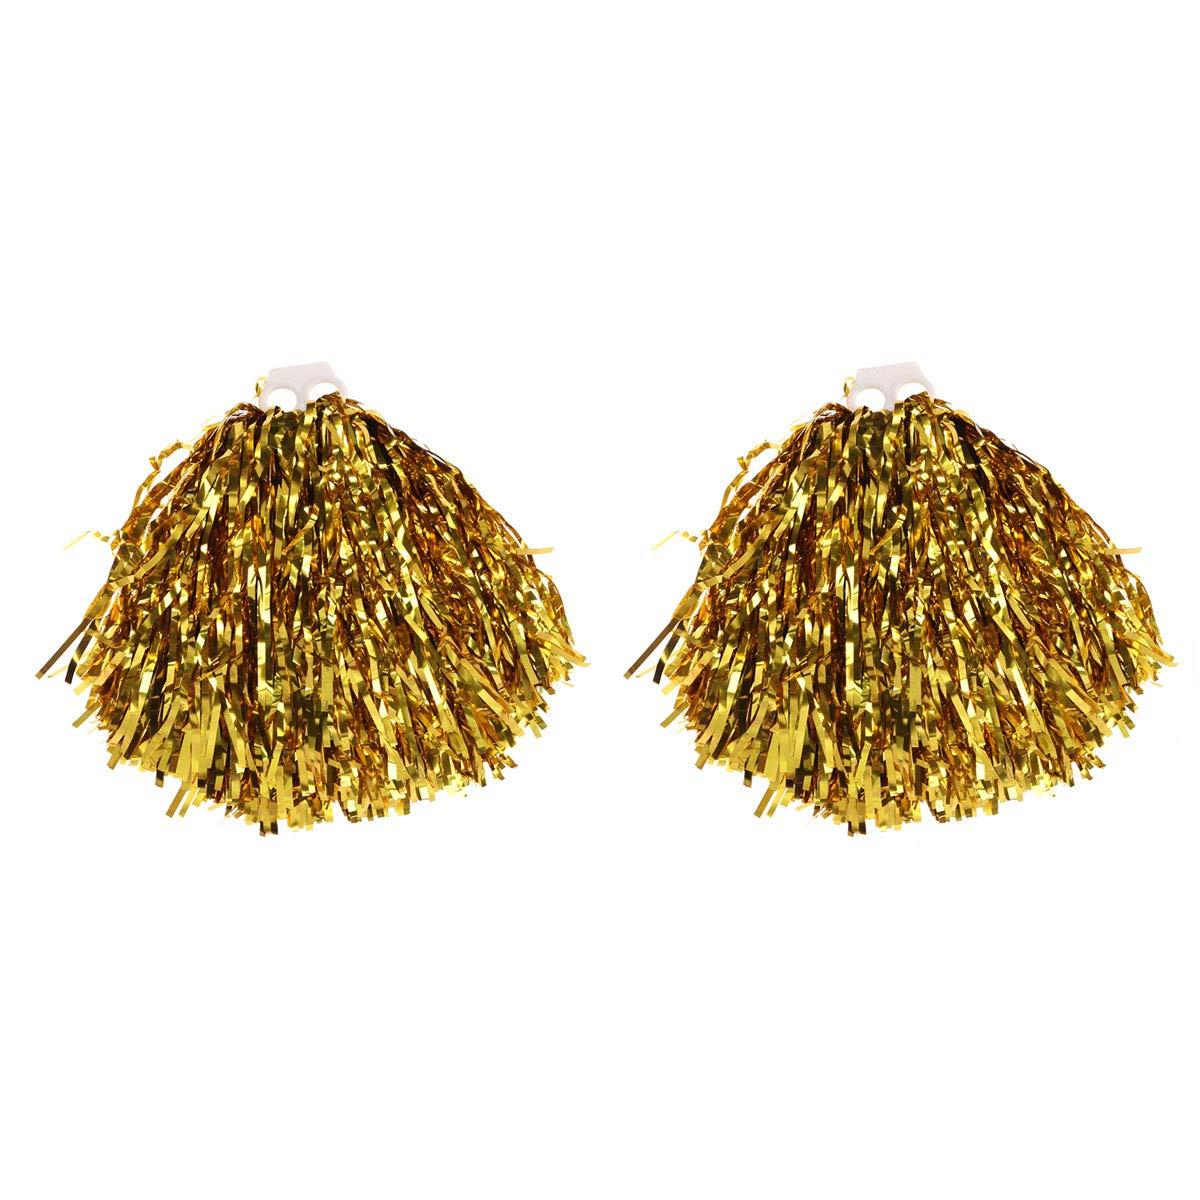 VORCOOL 1 Paar Cheerleader Pompons Metallic Tanzwedel Sport Pompoms Puschel Party Cheer Zubehör (Gold)